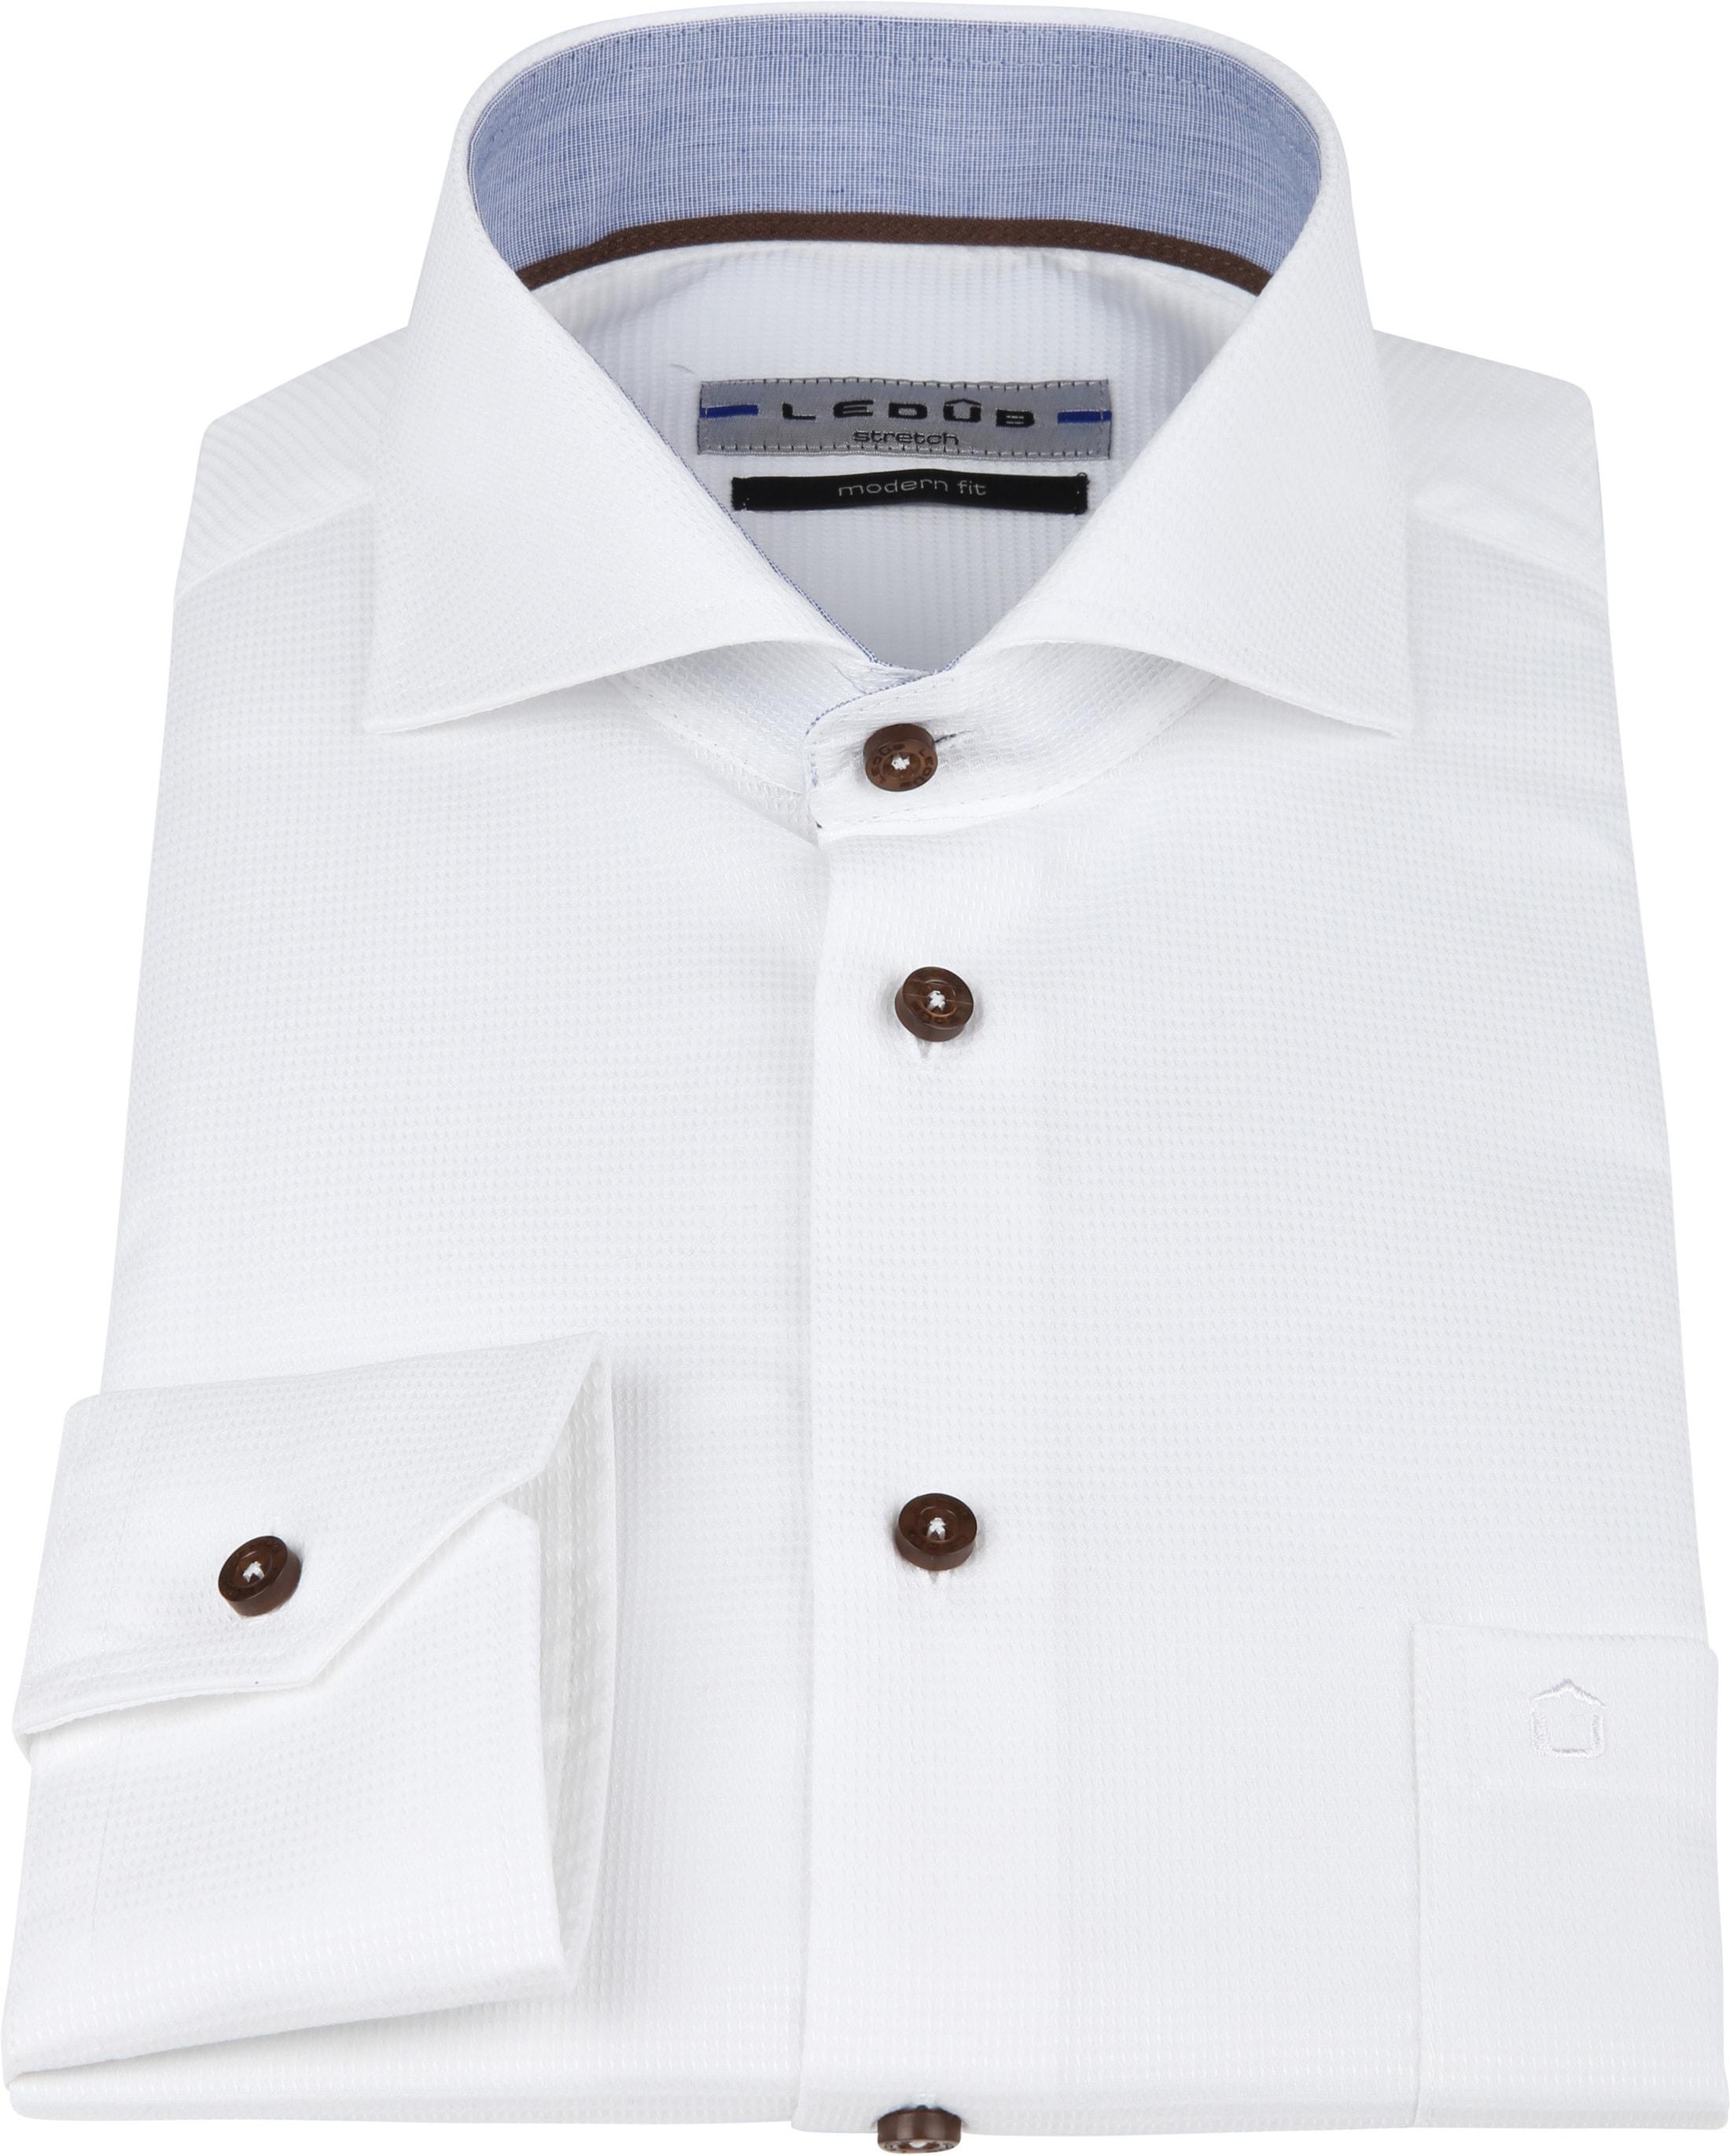 Ledub Overhemd Wit MF foto 2